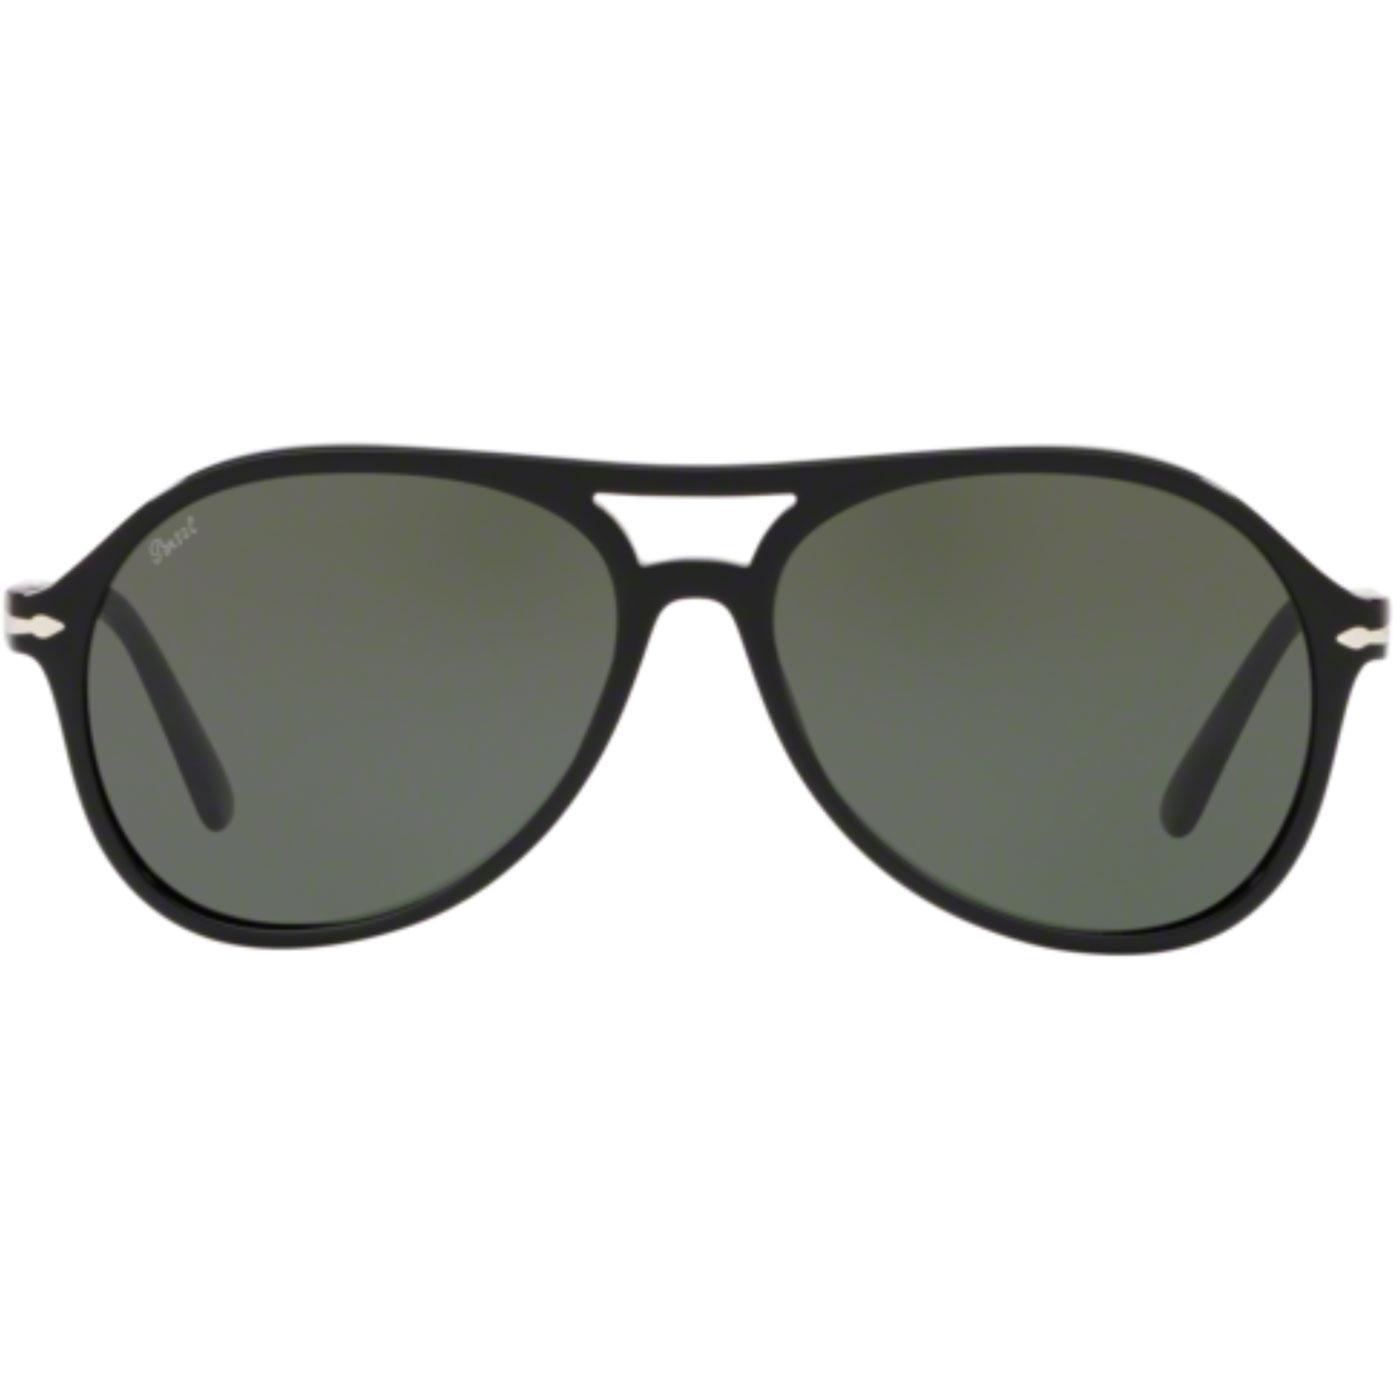 PERSOL Men's Retro 70s Aviator Sunglasses in Black